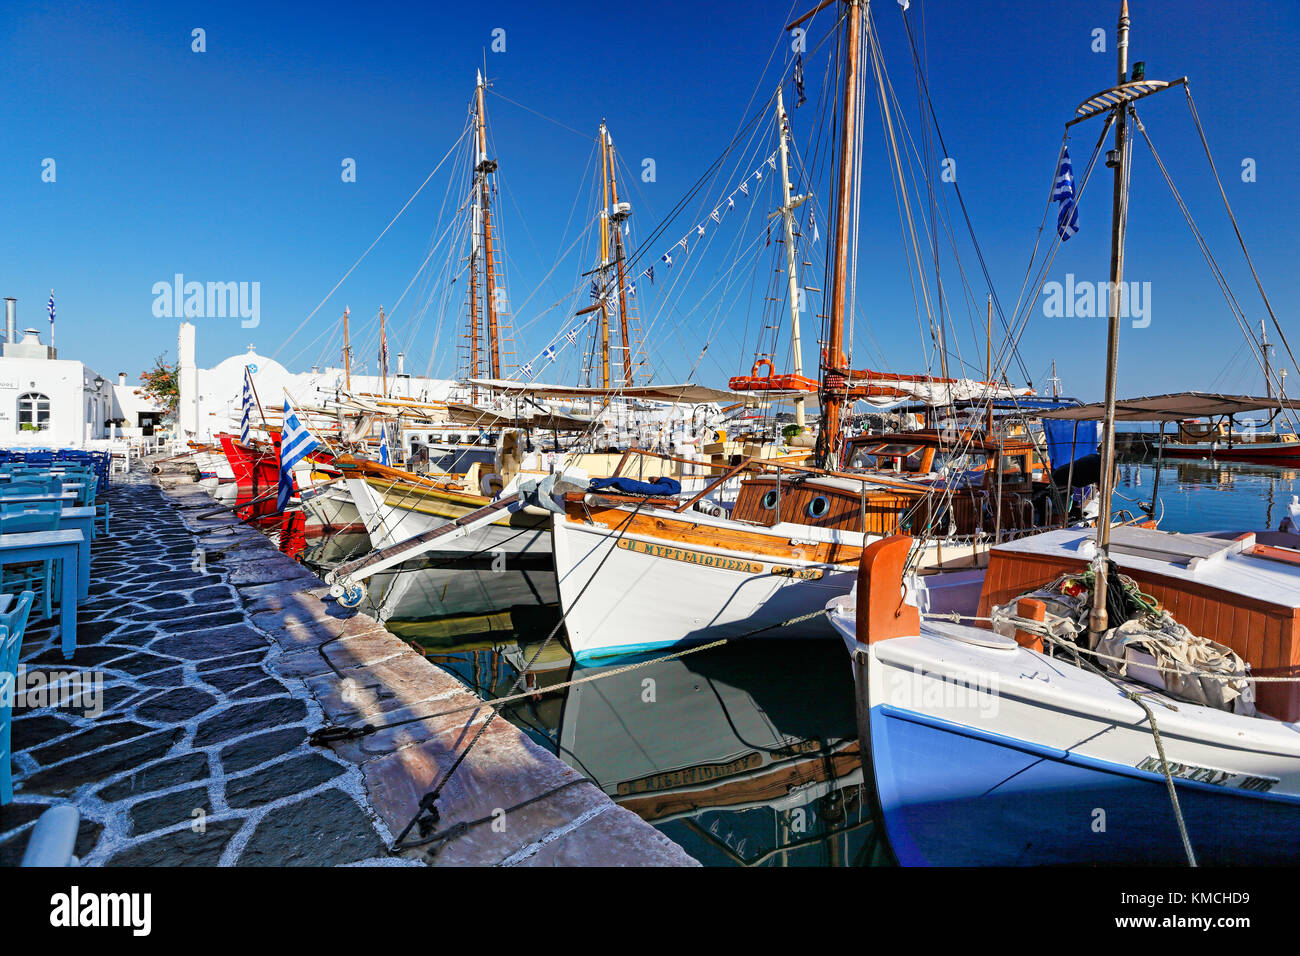 Boote im Hafen von Naoussa auf der Insel Paros, Griechenland Stockfoto